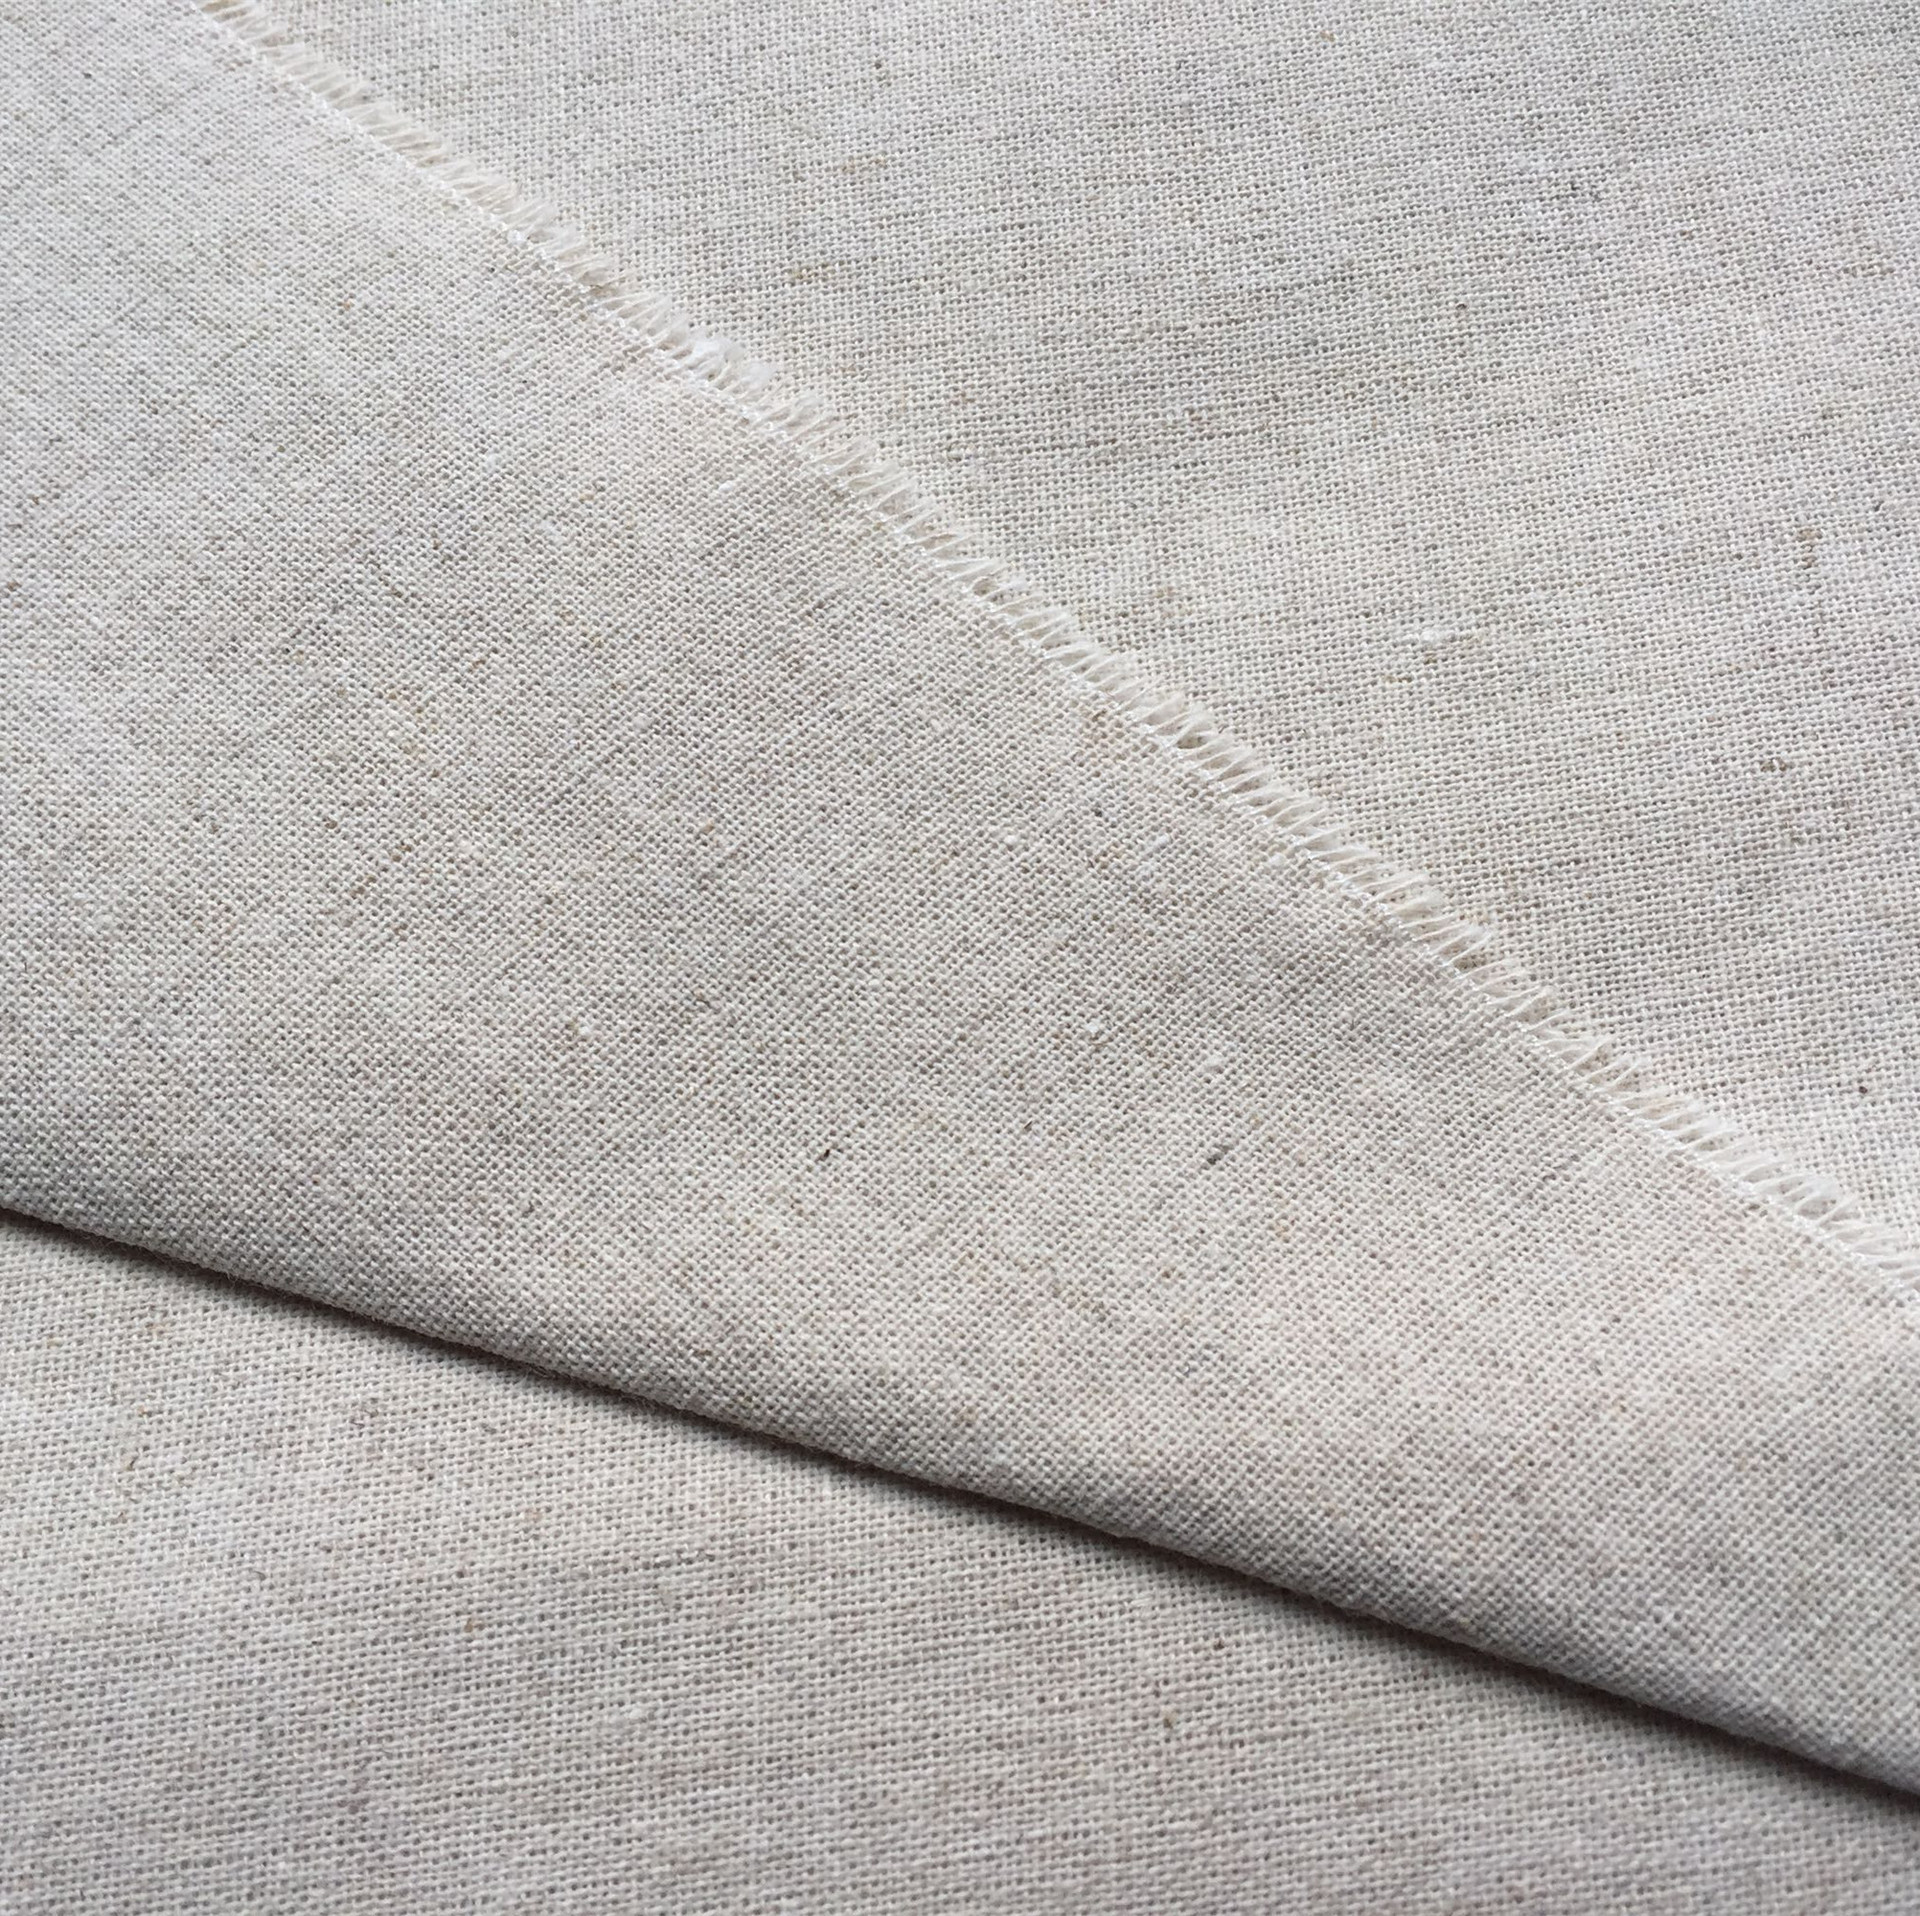 HEDU Vải Hemp mộc Màu sắc chính gai dầu vải gai dầu màu tự nhiên gai dầu vải vải sofa vải bao bì nền